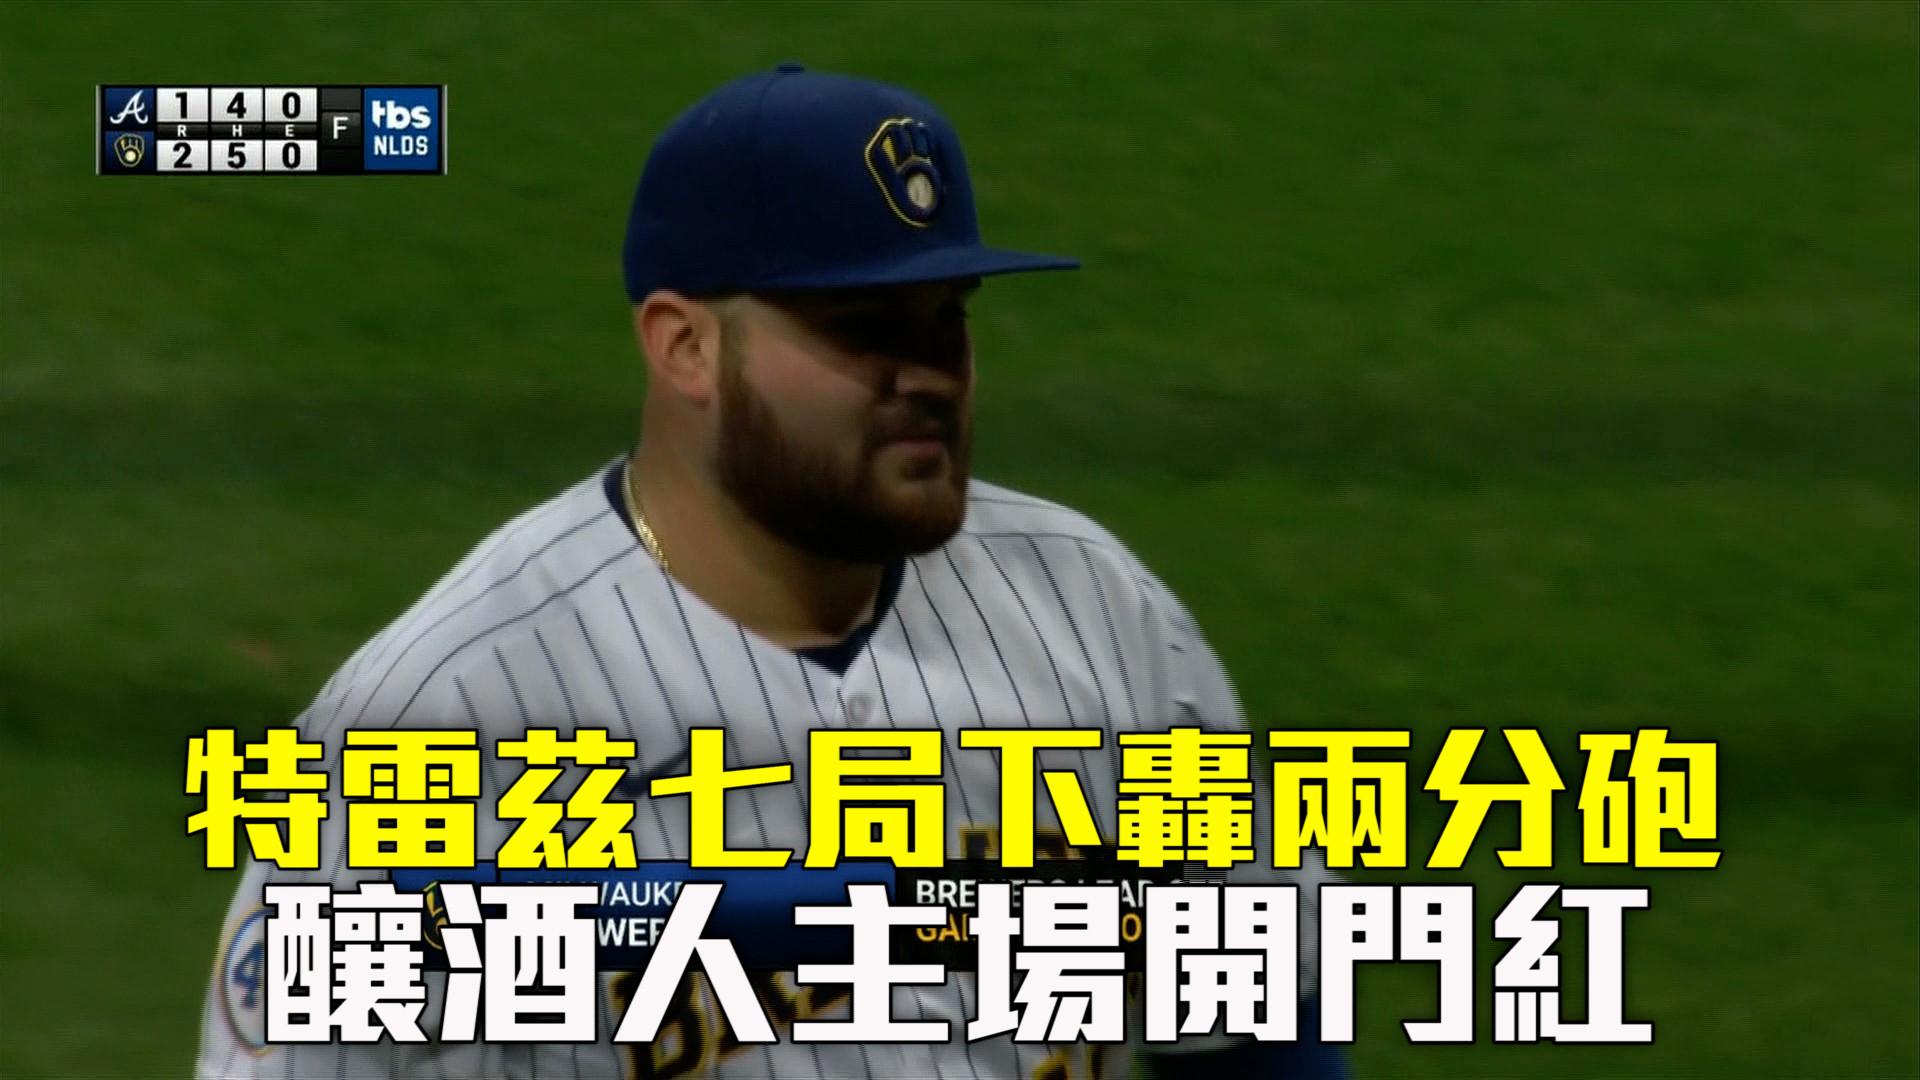 【MLB看愛爾達】伯恩斯投六局無失分 釀酒人力克勇士 10/9